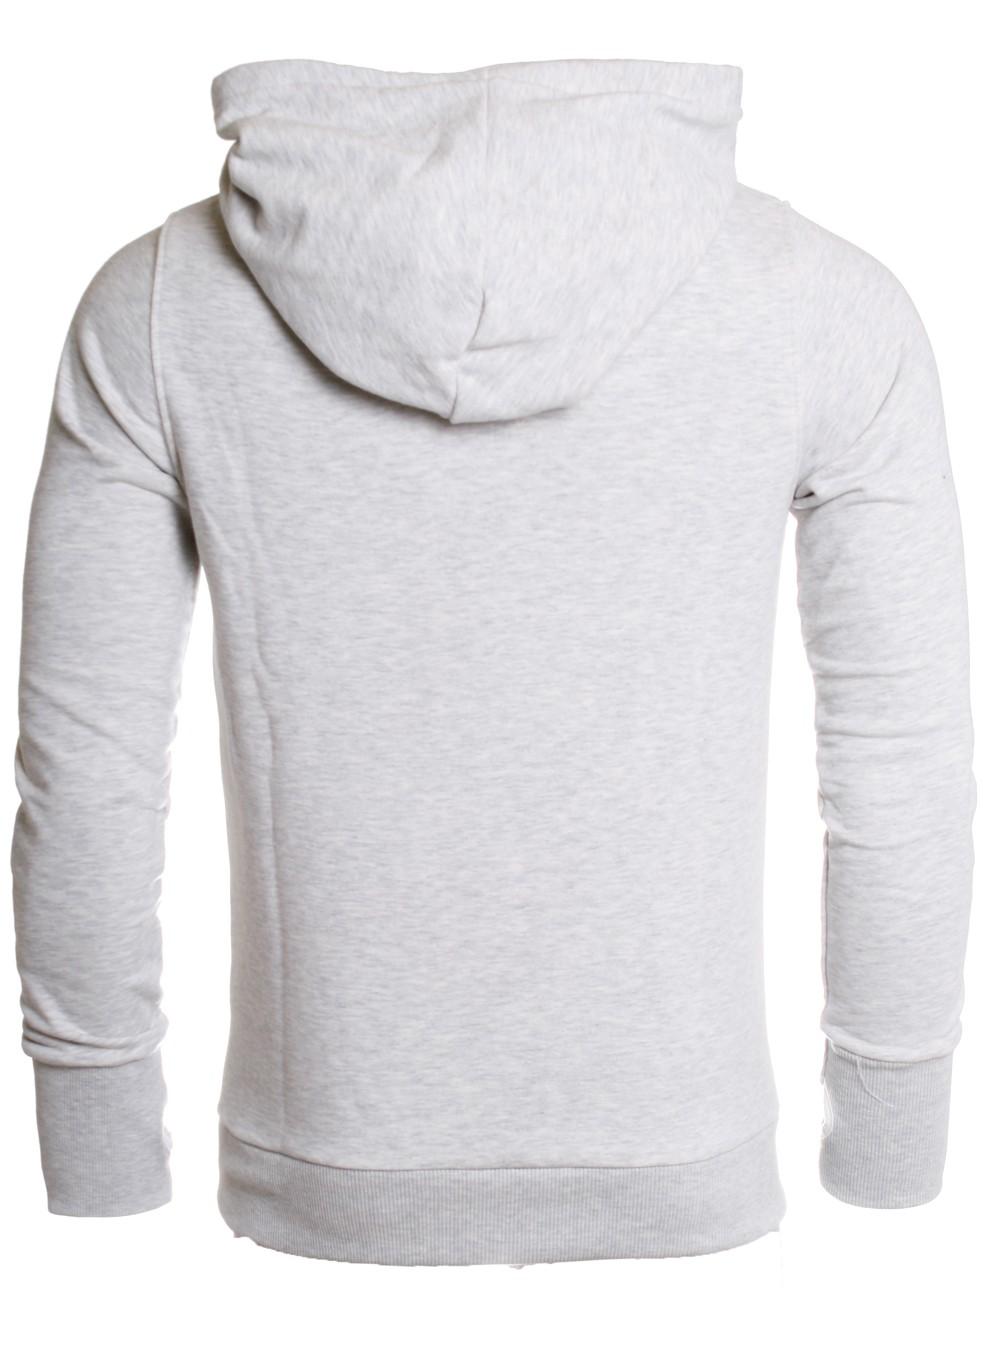 rerock herren pullover sweatshirt rsj 972 mit kapuze. Black Bedroom Furniture Sets. Home Design Ideas